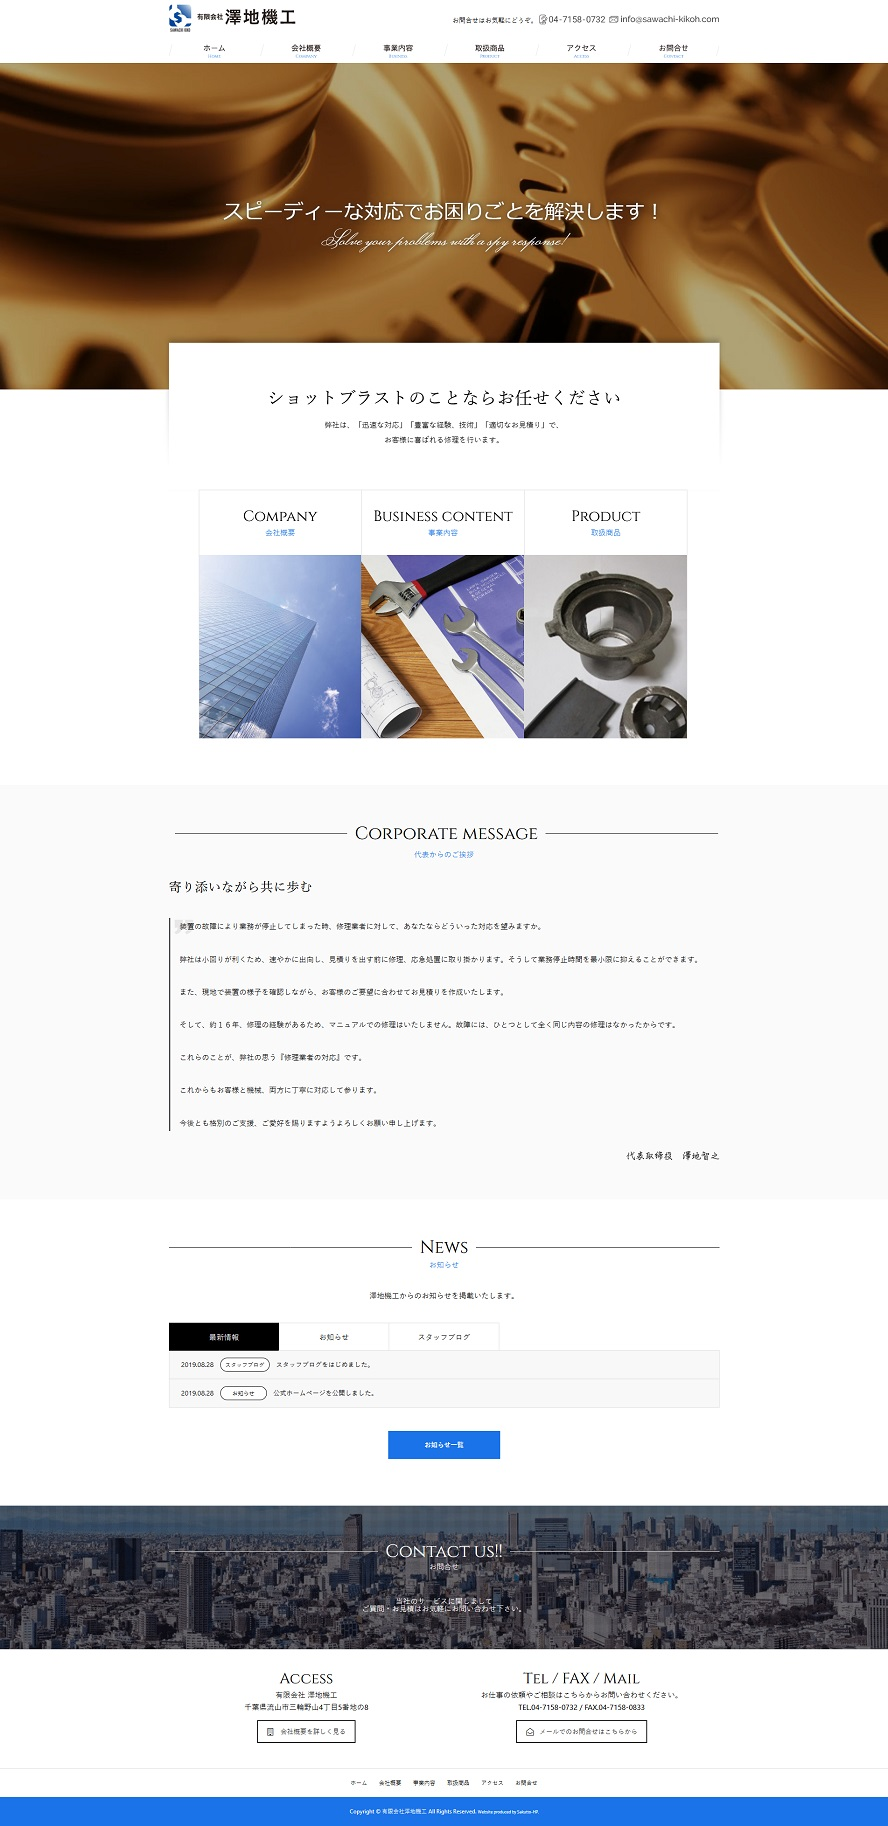 ホームページ作成|東京|さくっとホームページ作成では千葉でショットブラストマシン修理・部品販売、集塵装置修理・部品販売、研磨剤の販売を行なっている「有限会社澤地機工様の公式ホームページ」を作成し、2019年8月28日に一般公開を開始しました。